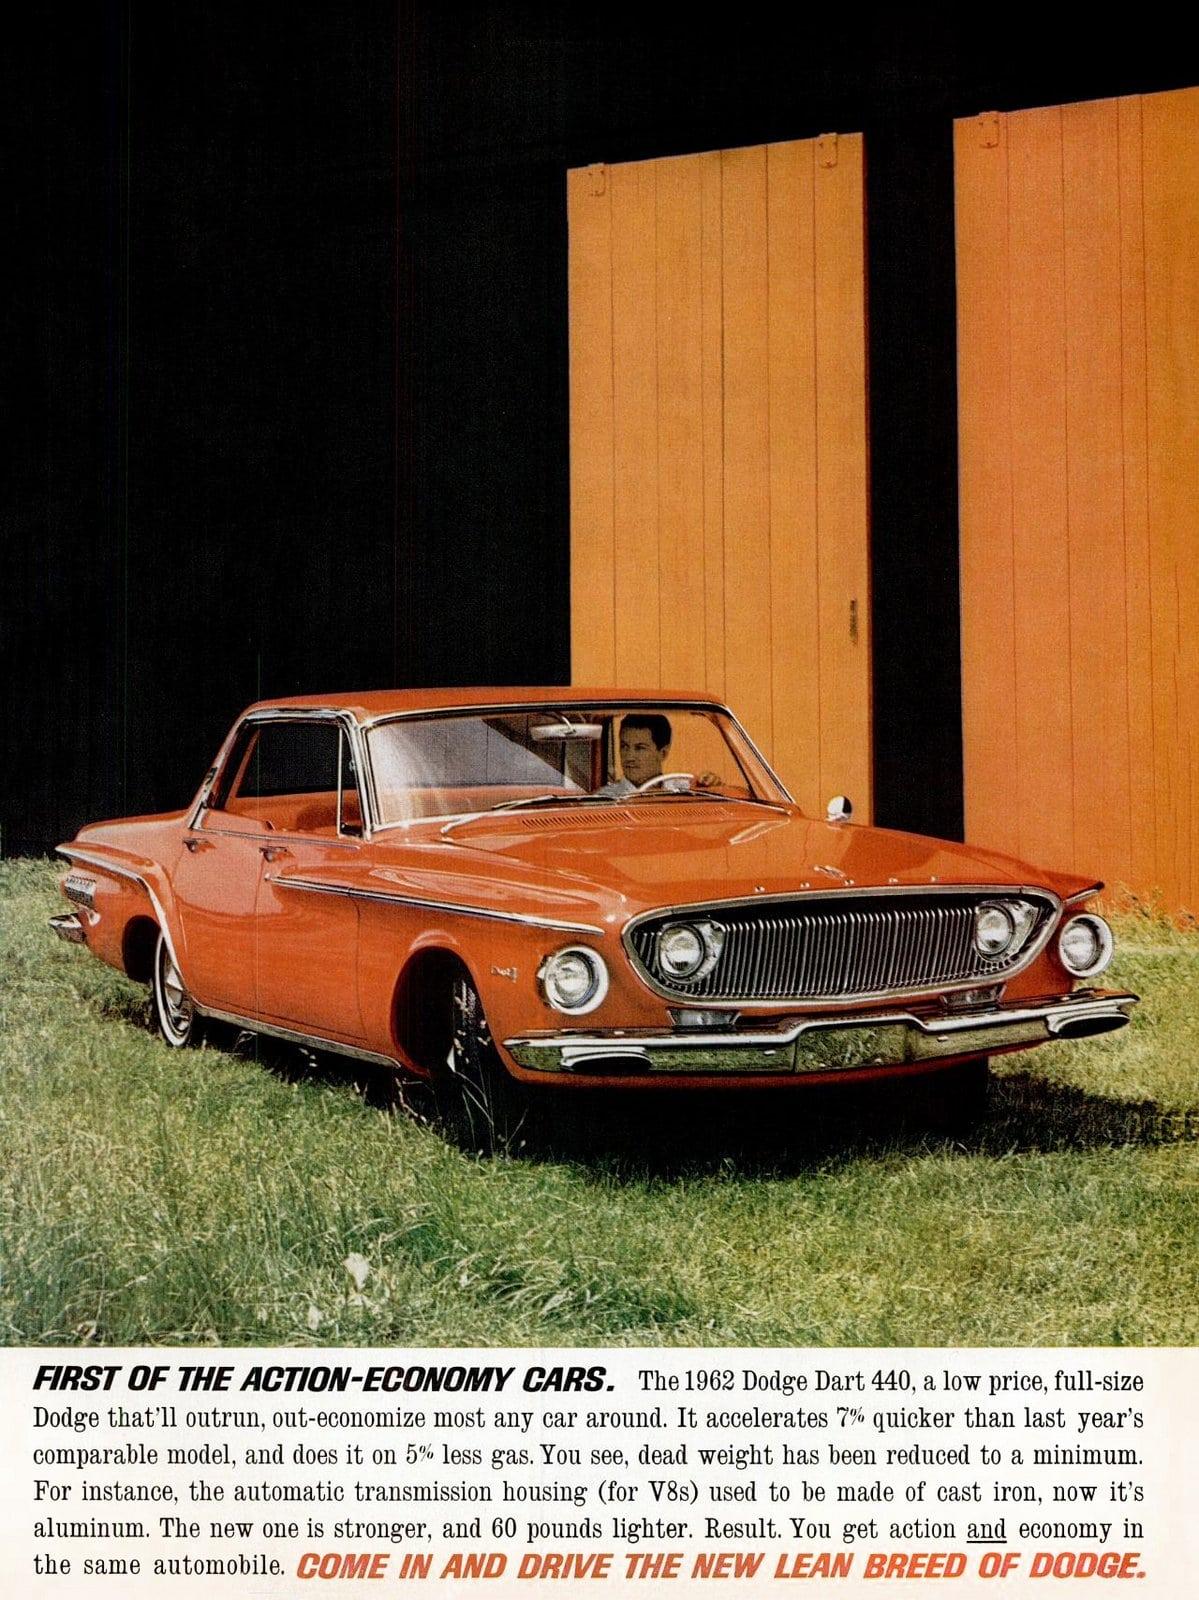 Vintage 1962 Dodge Dart 440